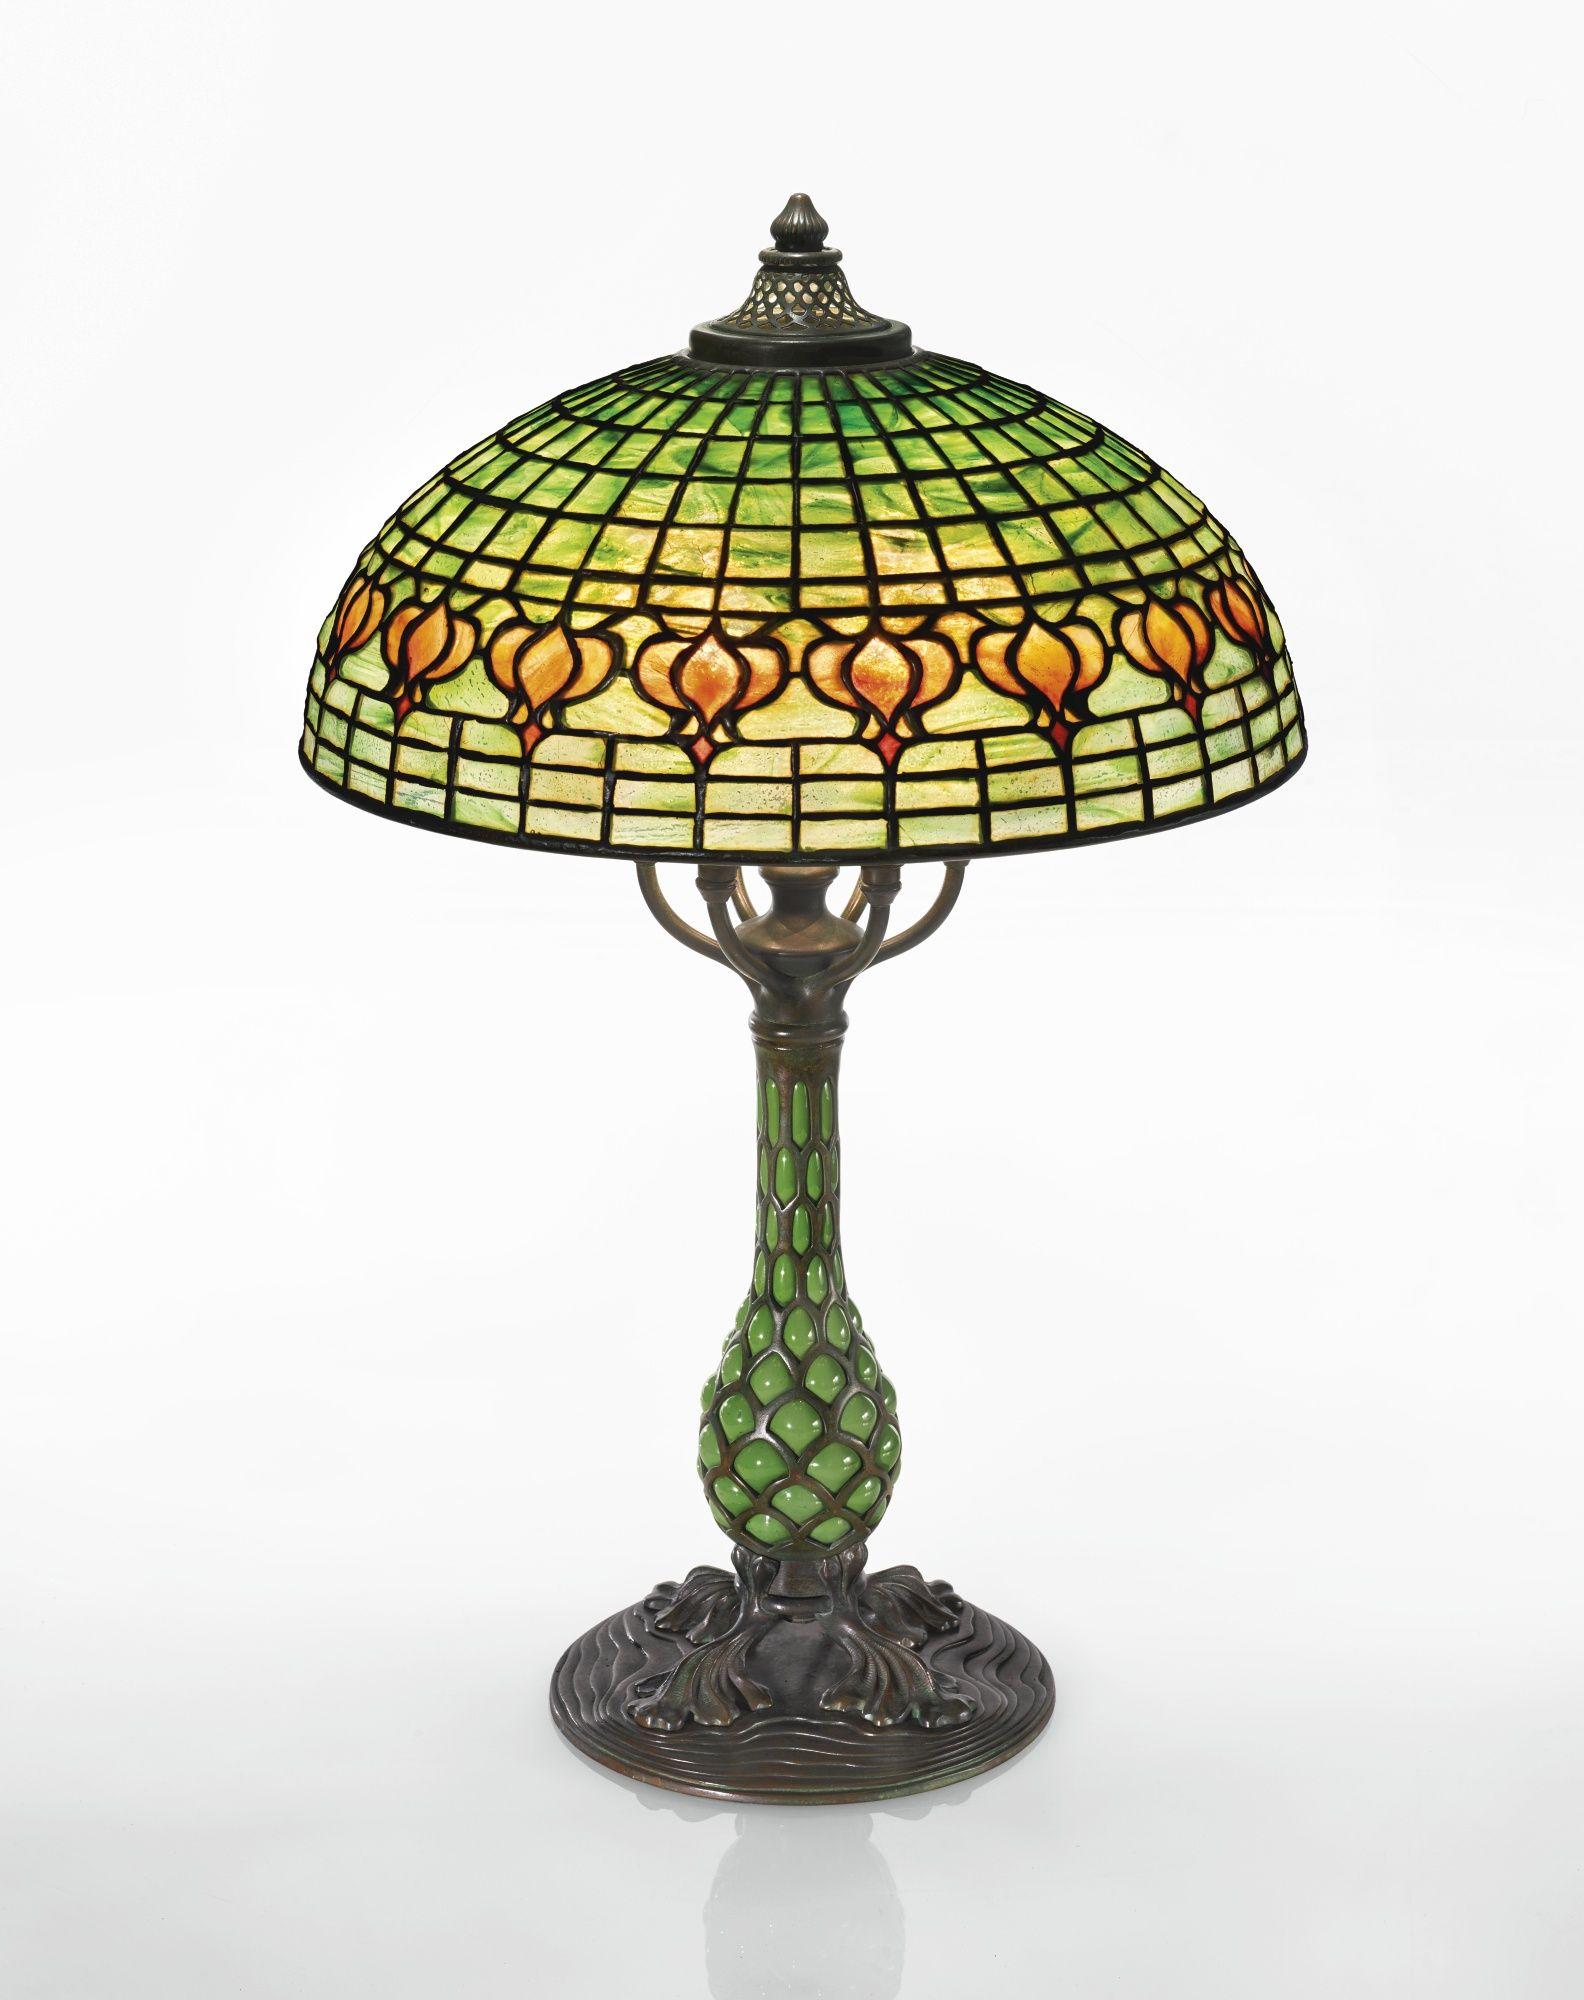 Tiffany Studios, Pomegranate table lamp